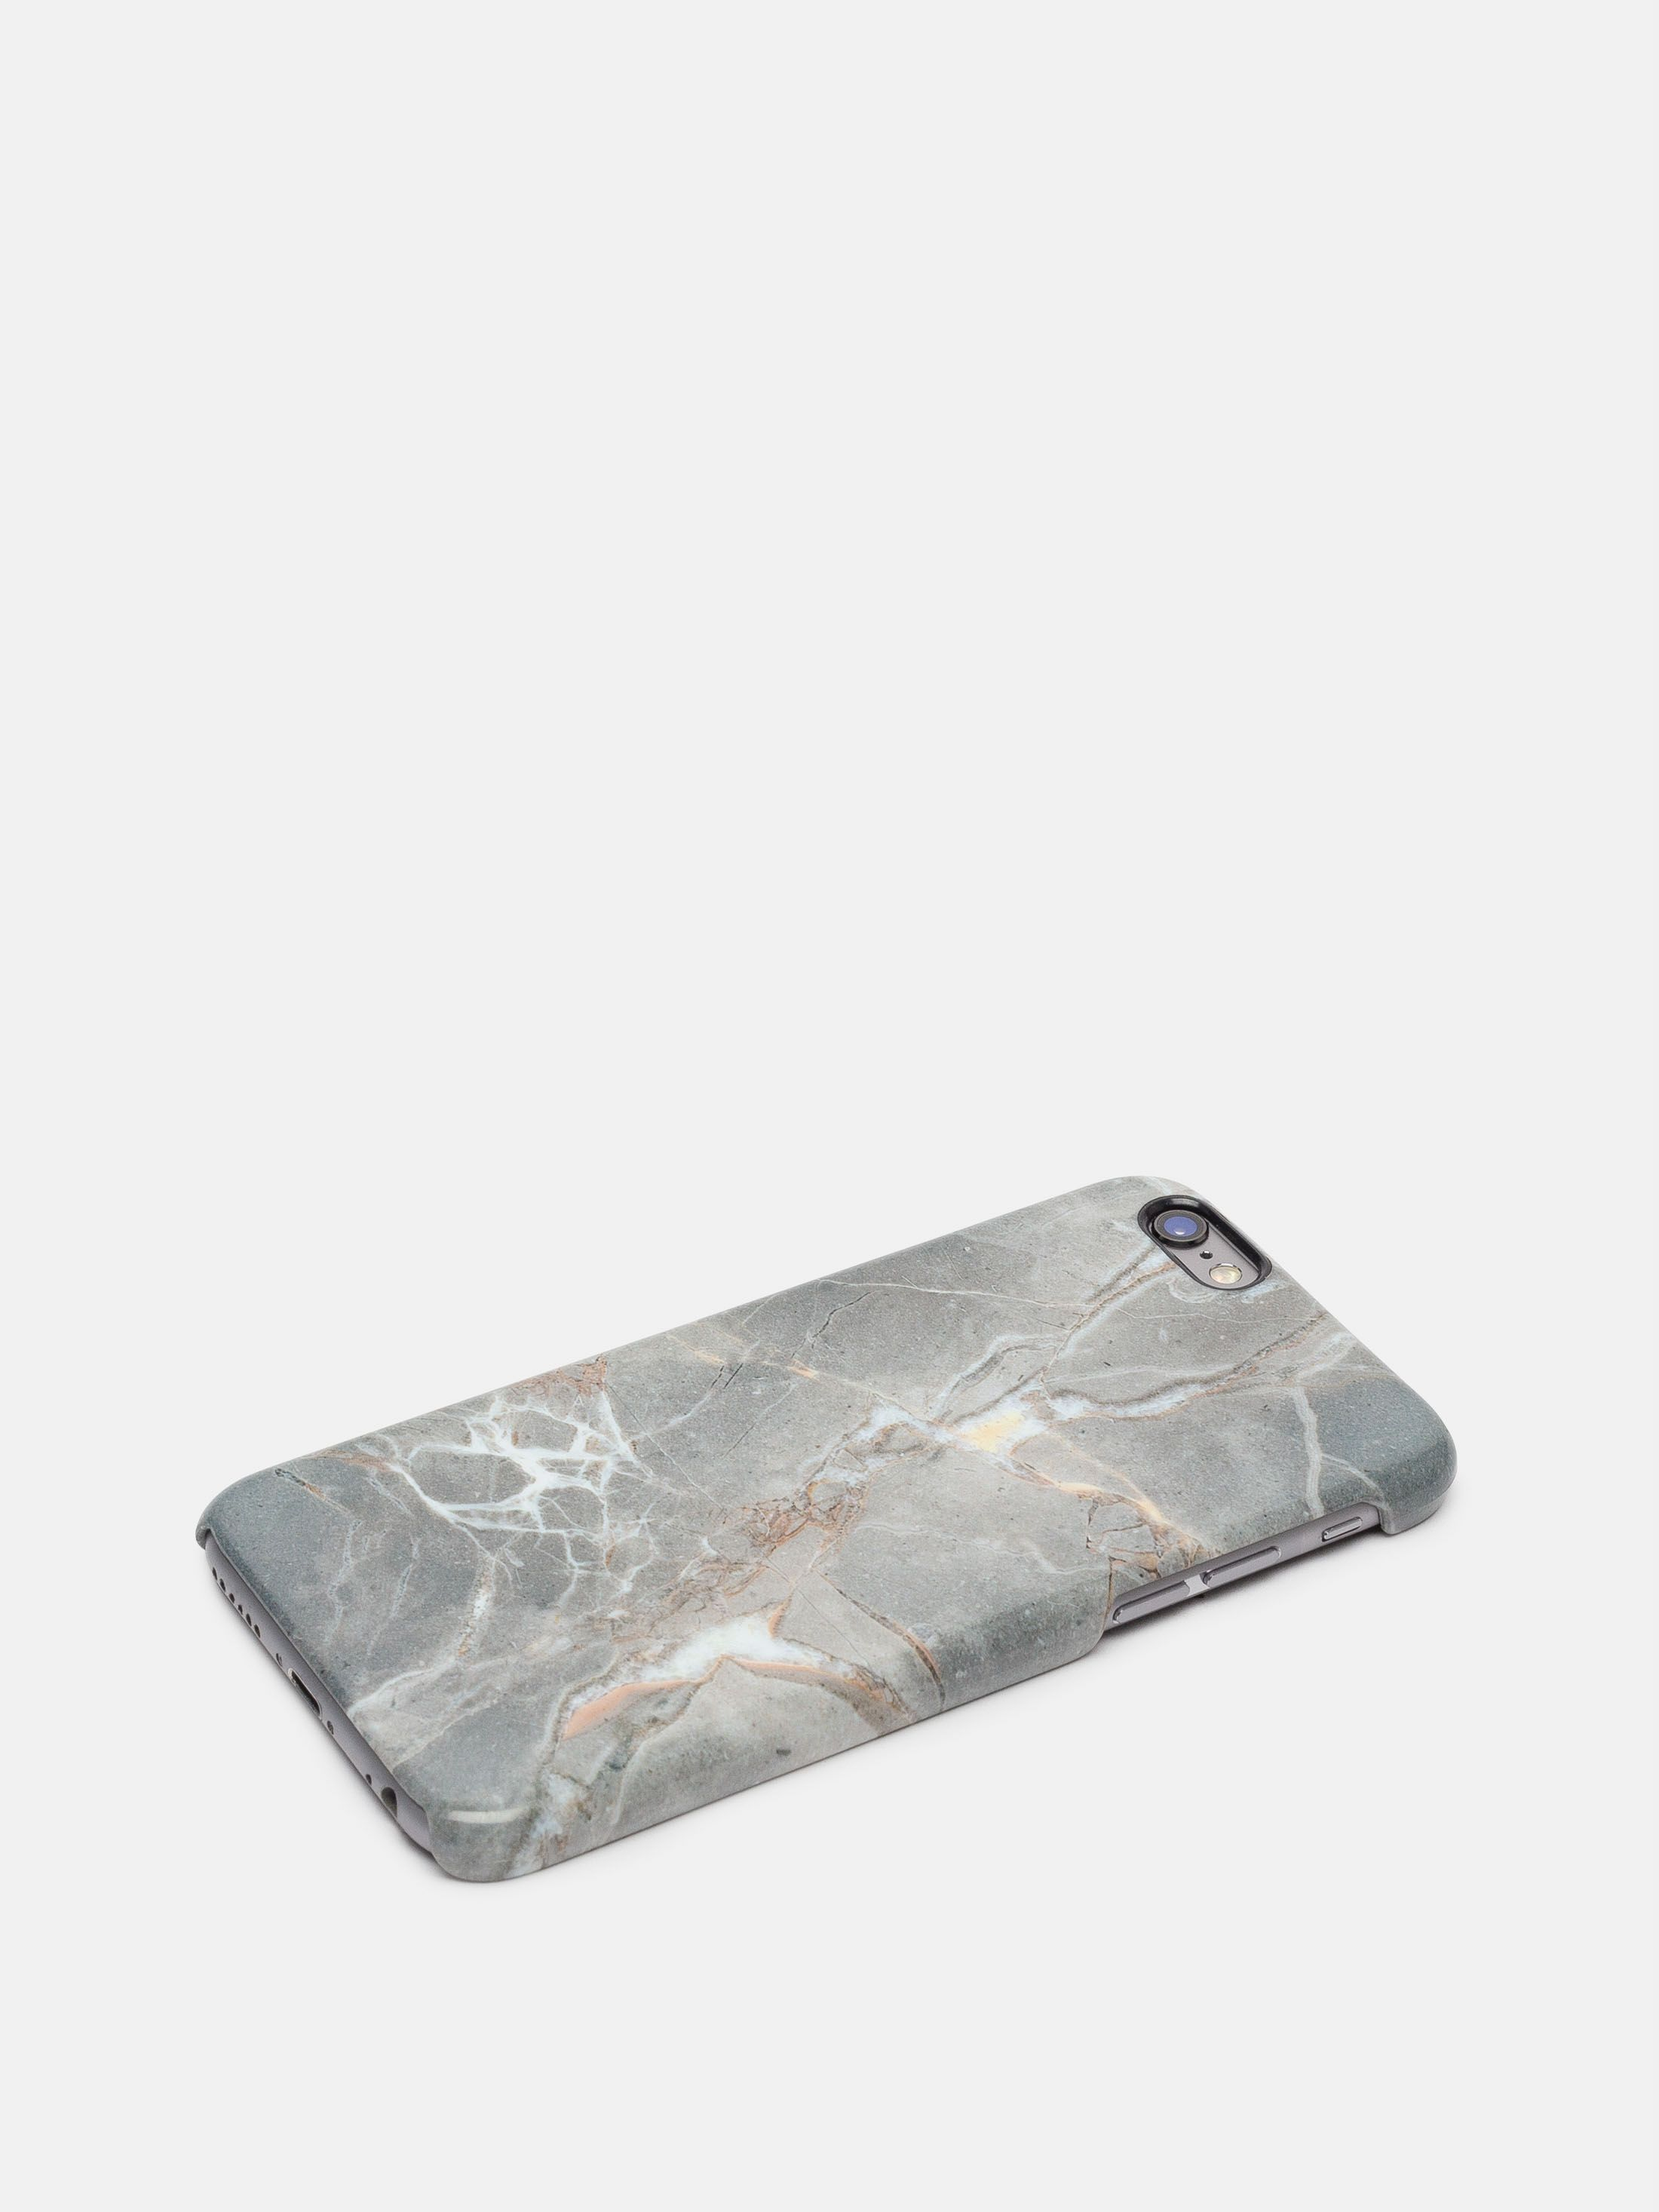 Coque pour iphone 6/6+ personnalisée avec design